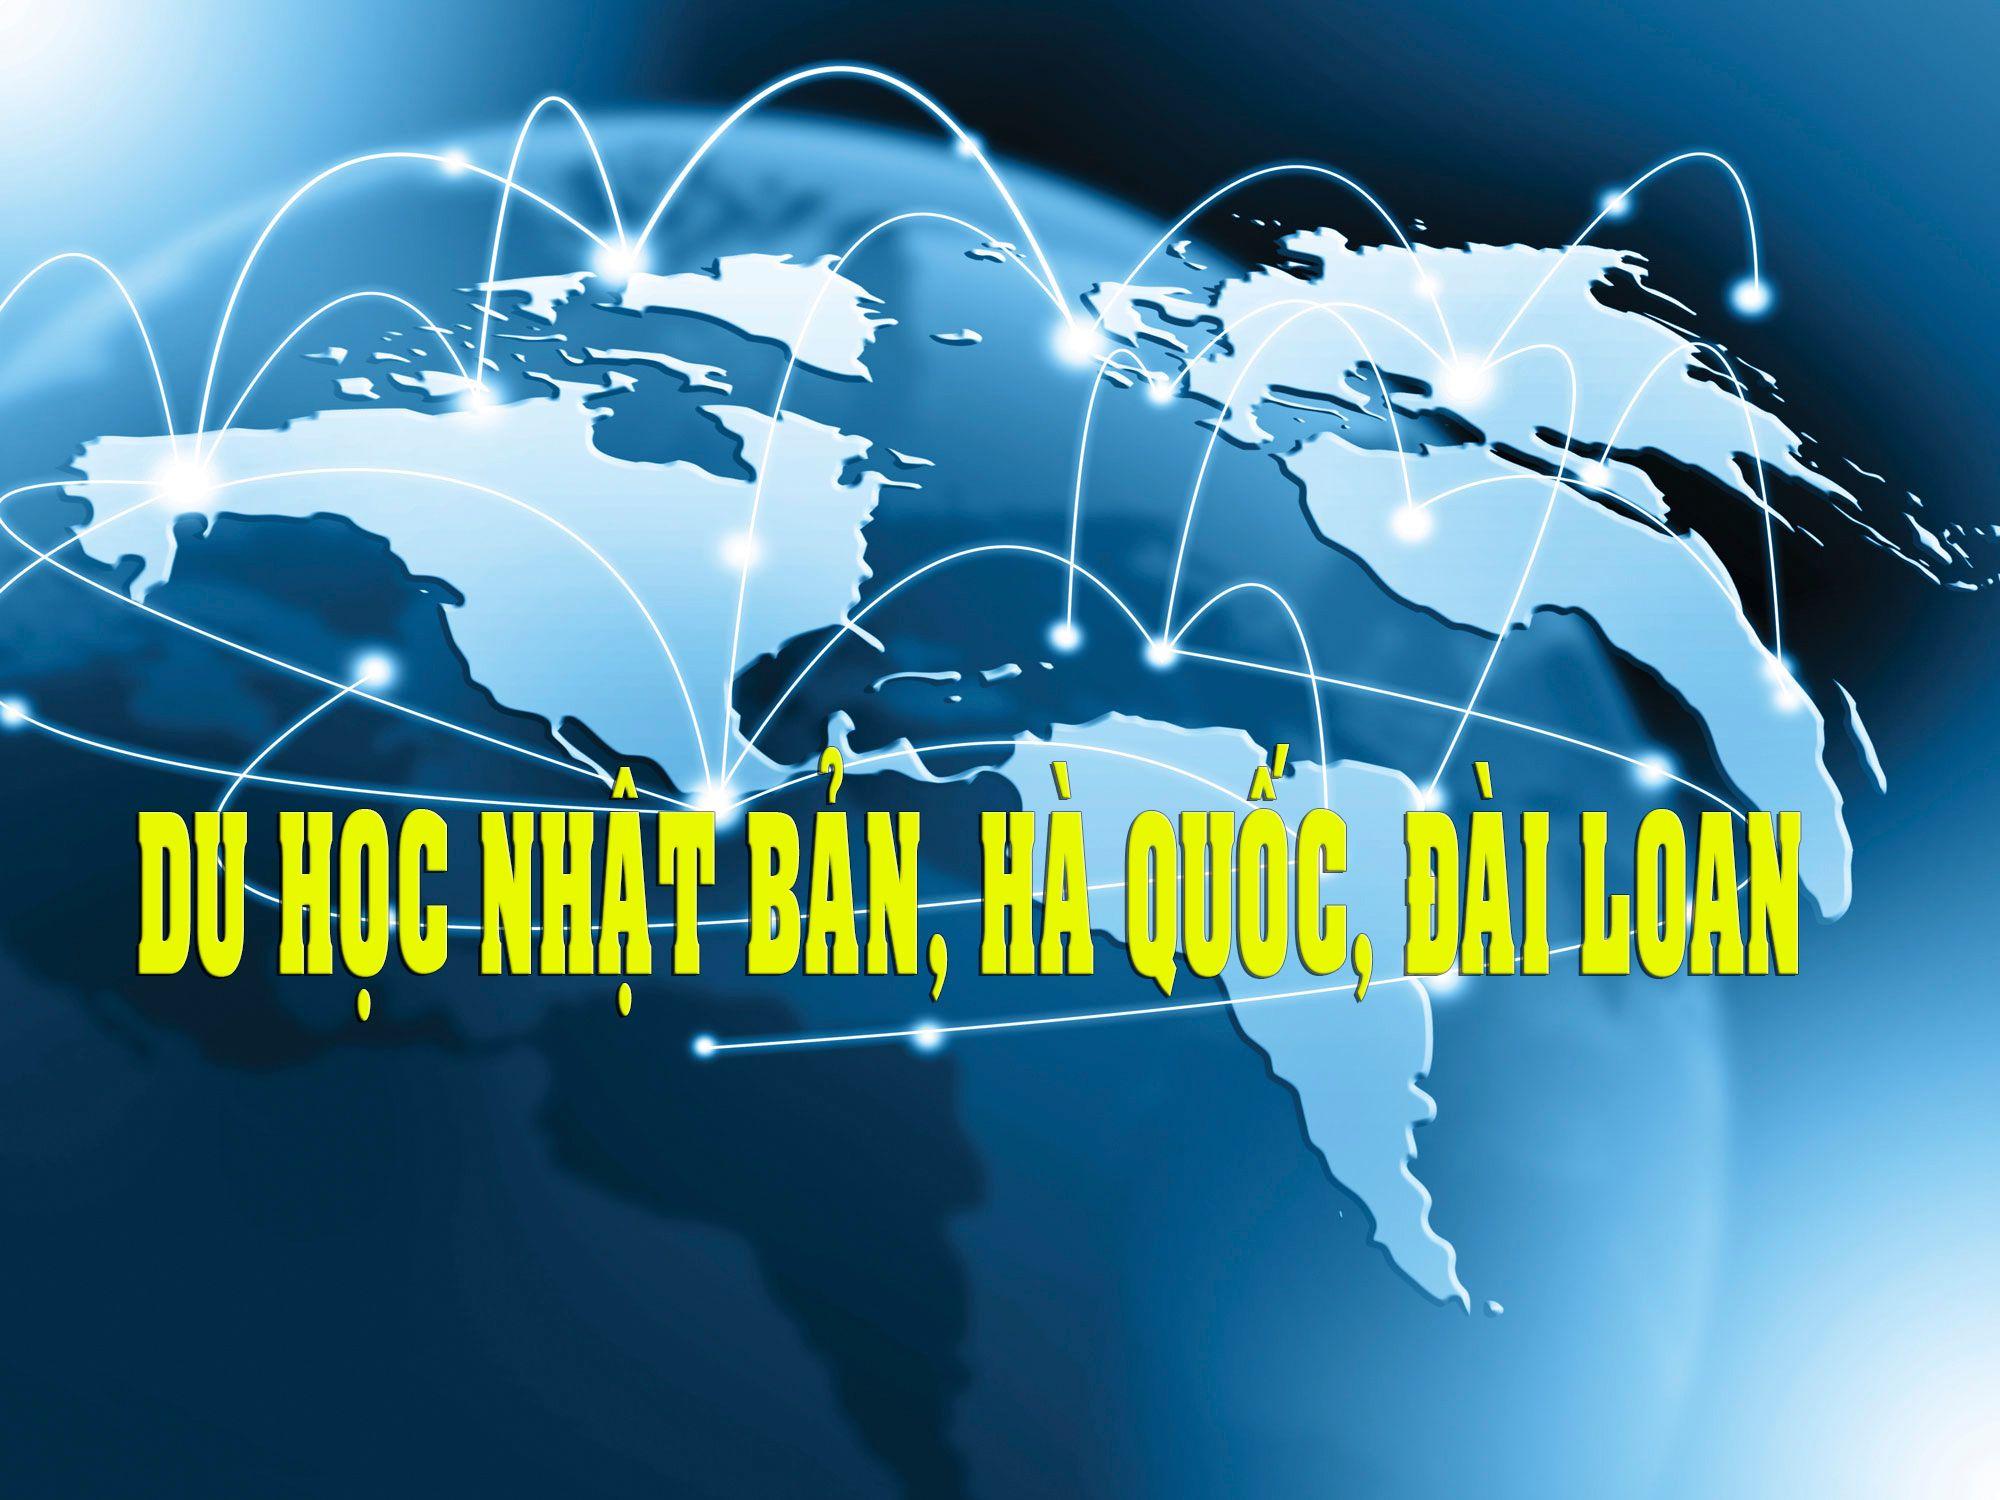 Cơ hội học tập, việc làm hấp dẫn cho sinh viên Đại học Công nghiệp Hà Nội tại Nhật Bản, Hàn Quốc và Đài Loan